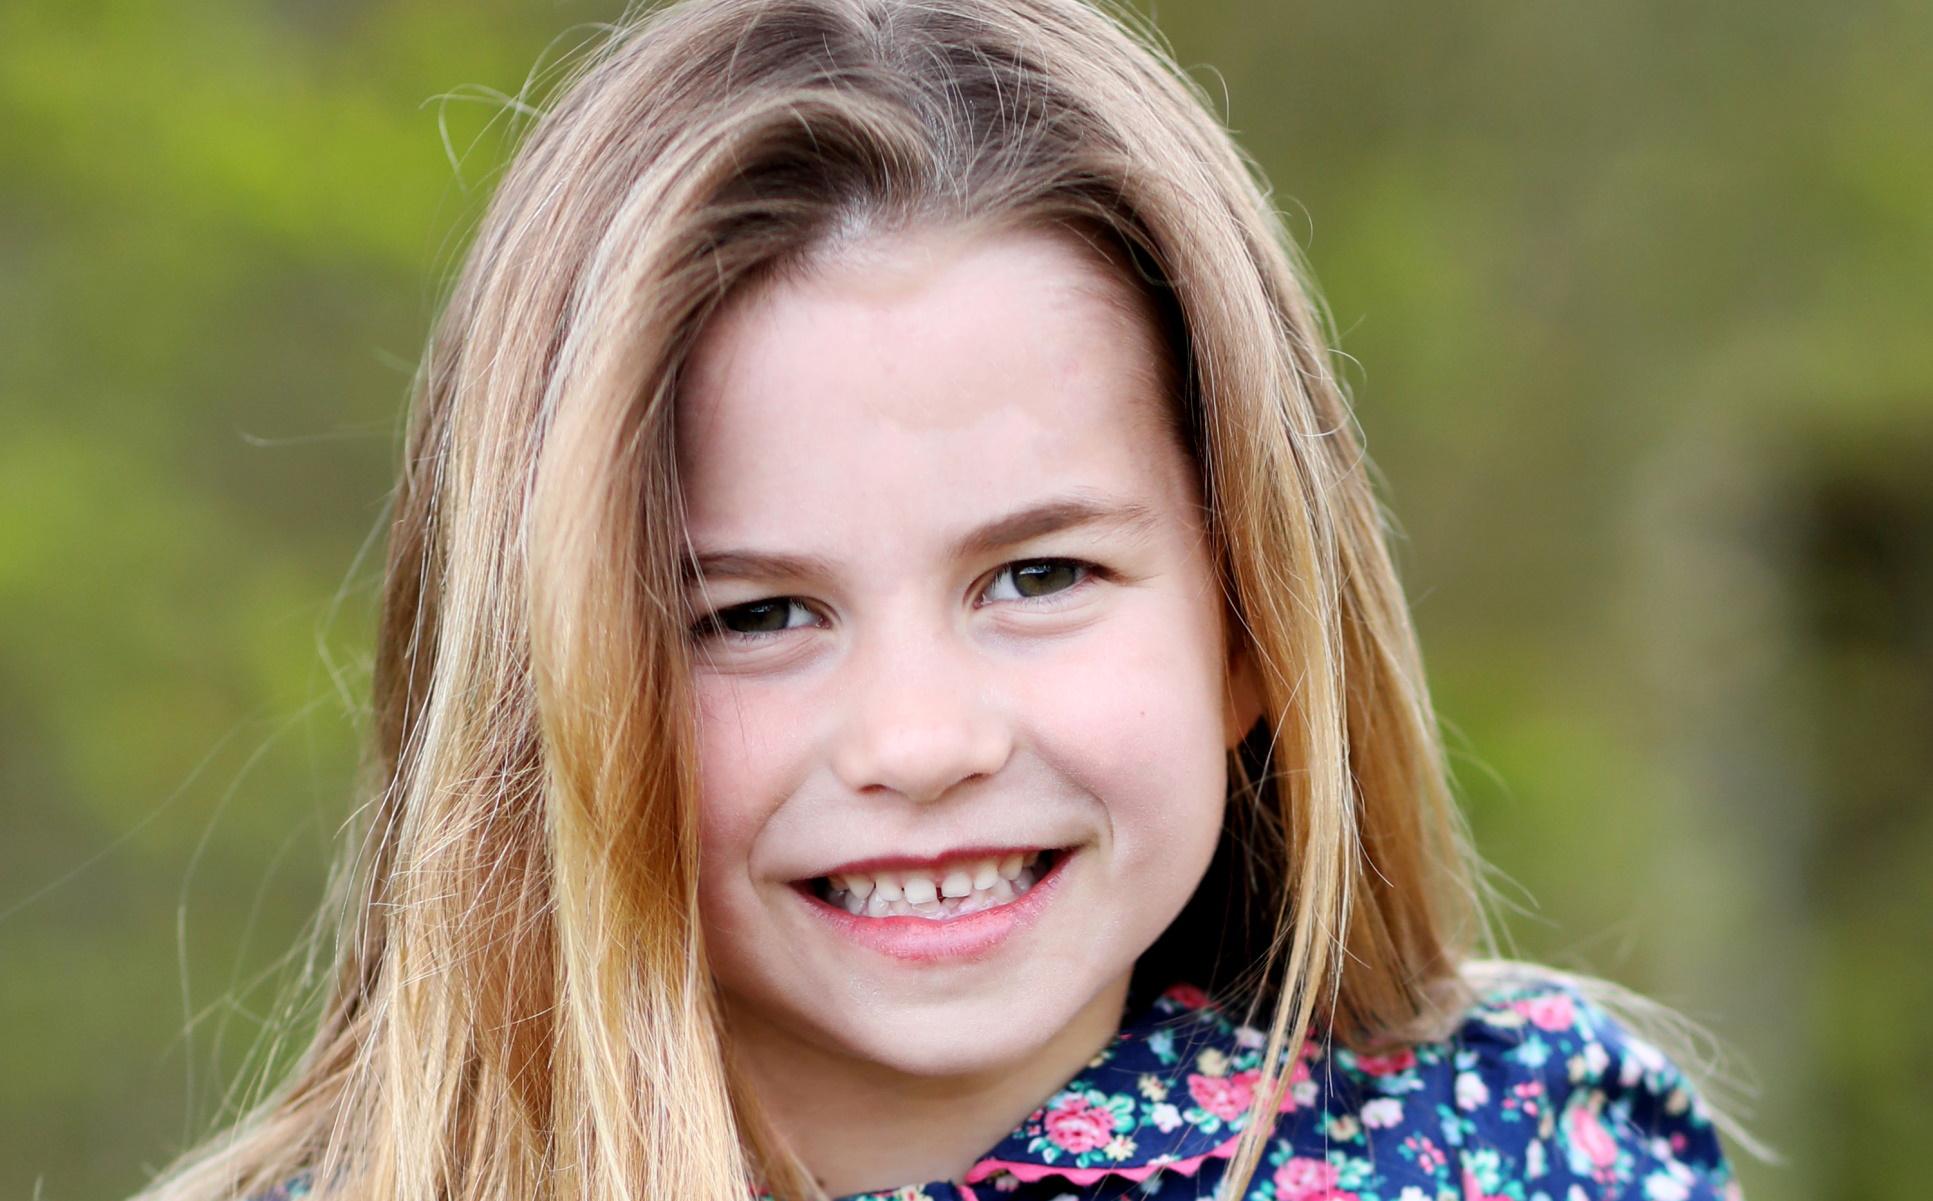 Η πριγκίπισσα Σάρλοτ έγινε 6 ετών και ποζάρει λαμπερή και χαμογελαστή (pics)